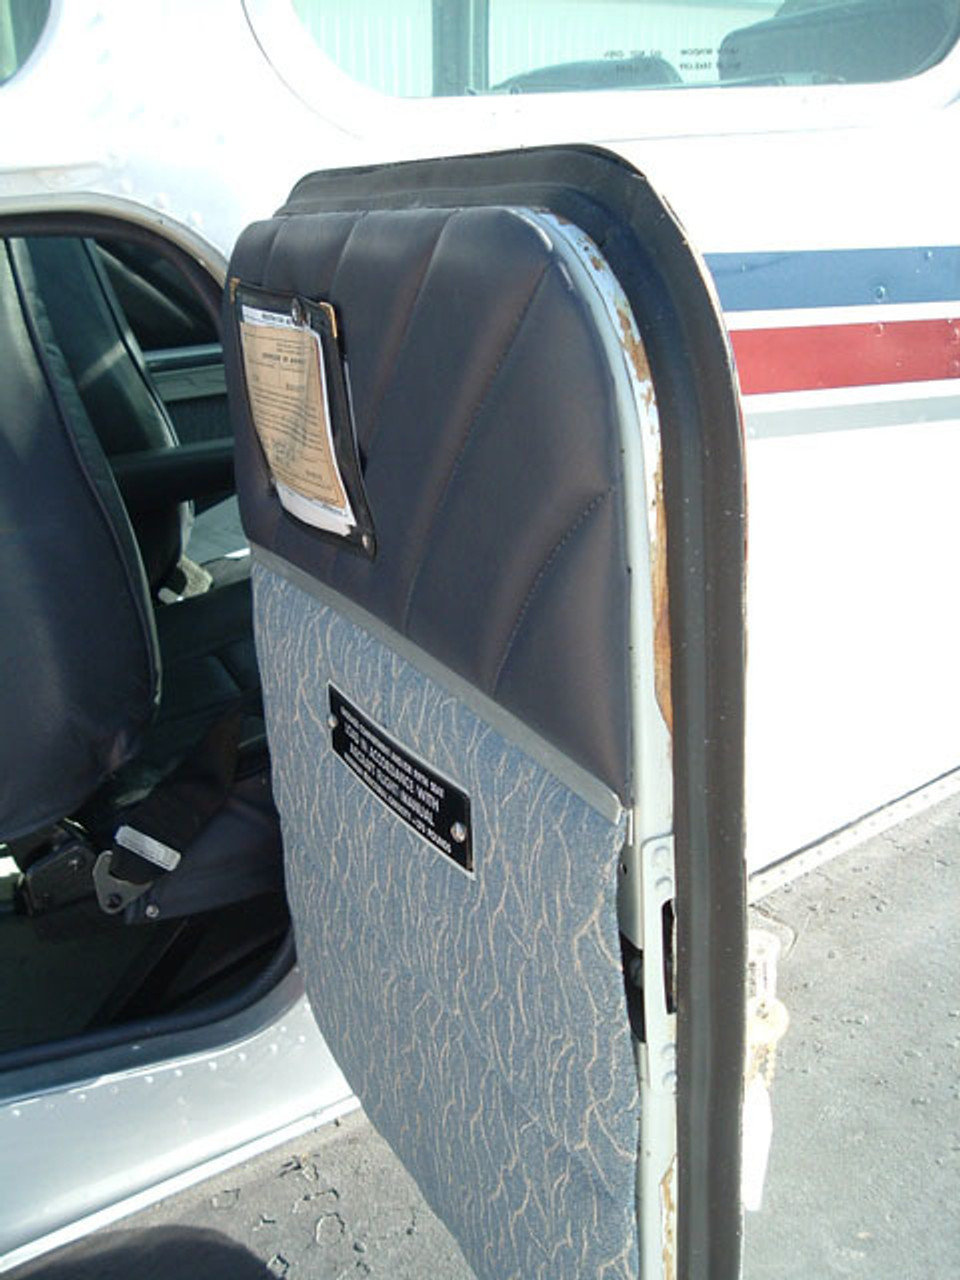 Cabin baggage door seal (Includes large door), Beech model 33, 35, 55, 95, ADS-B133